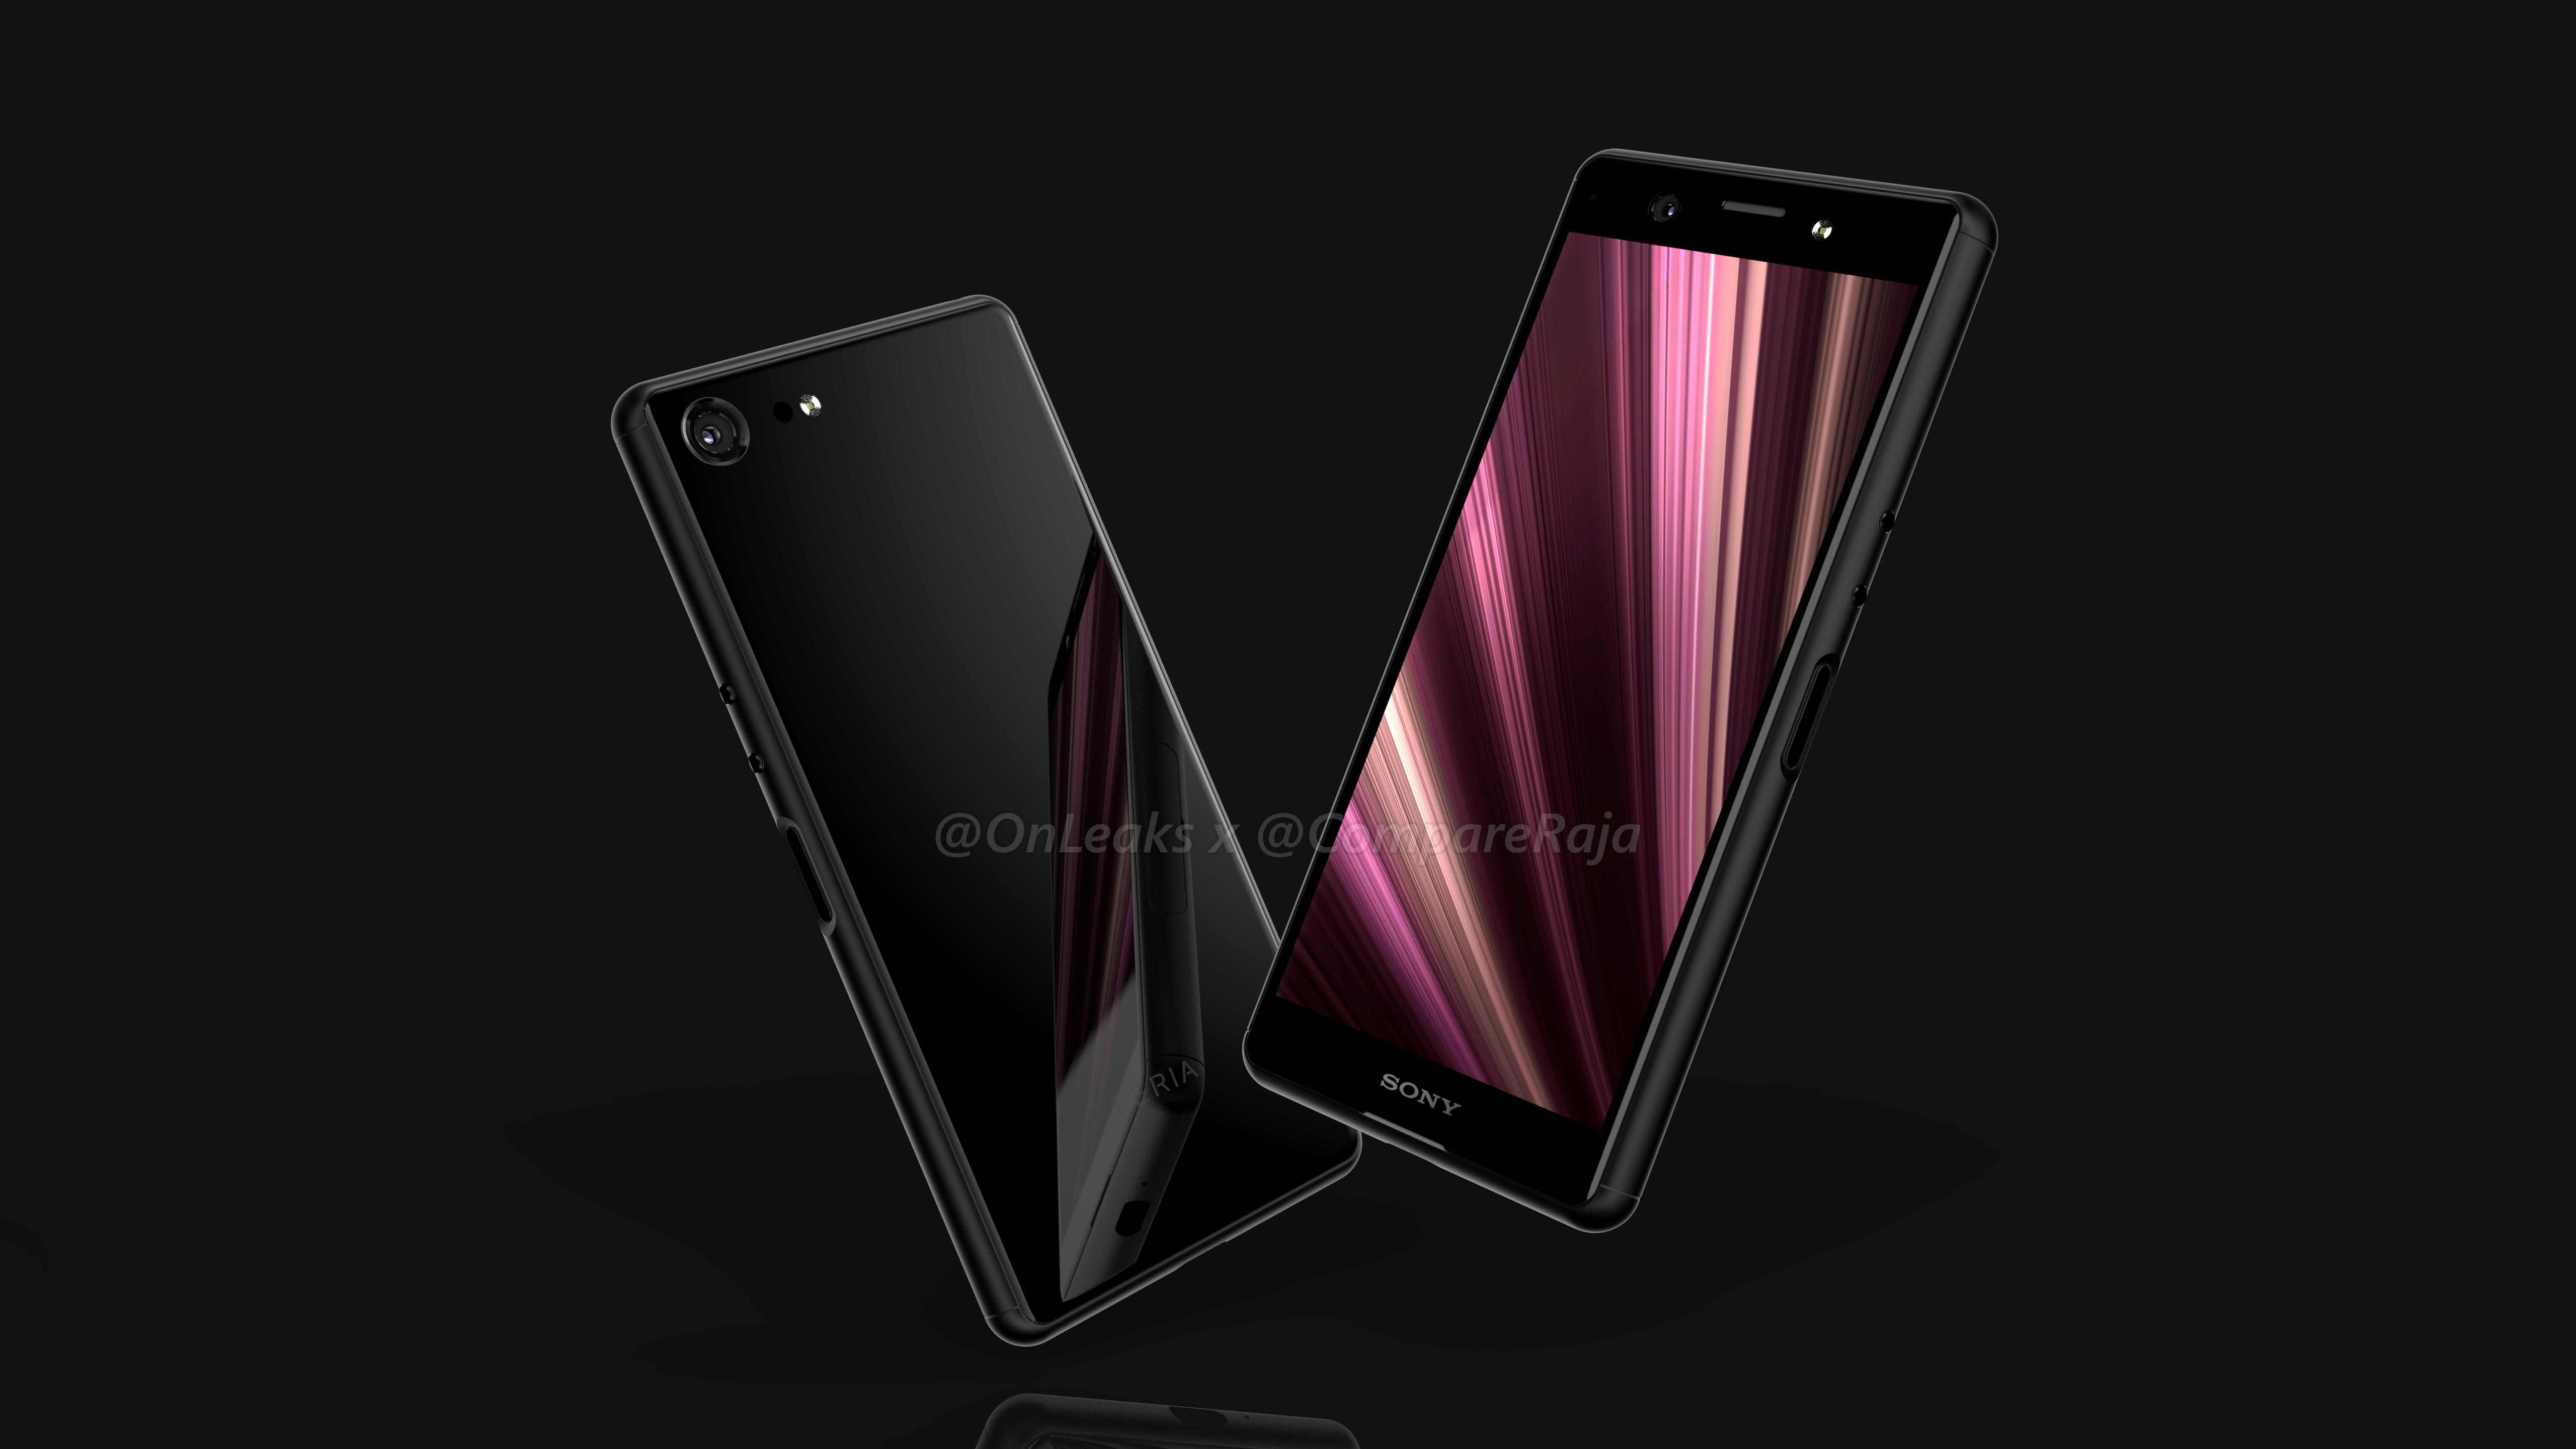 「Xperia XZ4 Compact」の画像流出。新デザイン&薄型化か